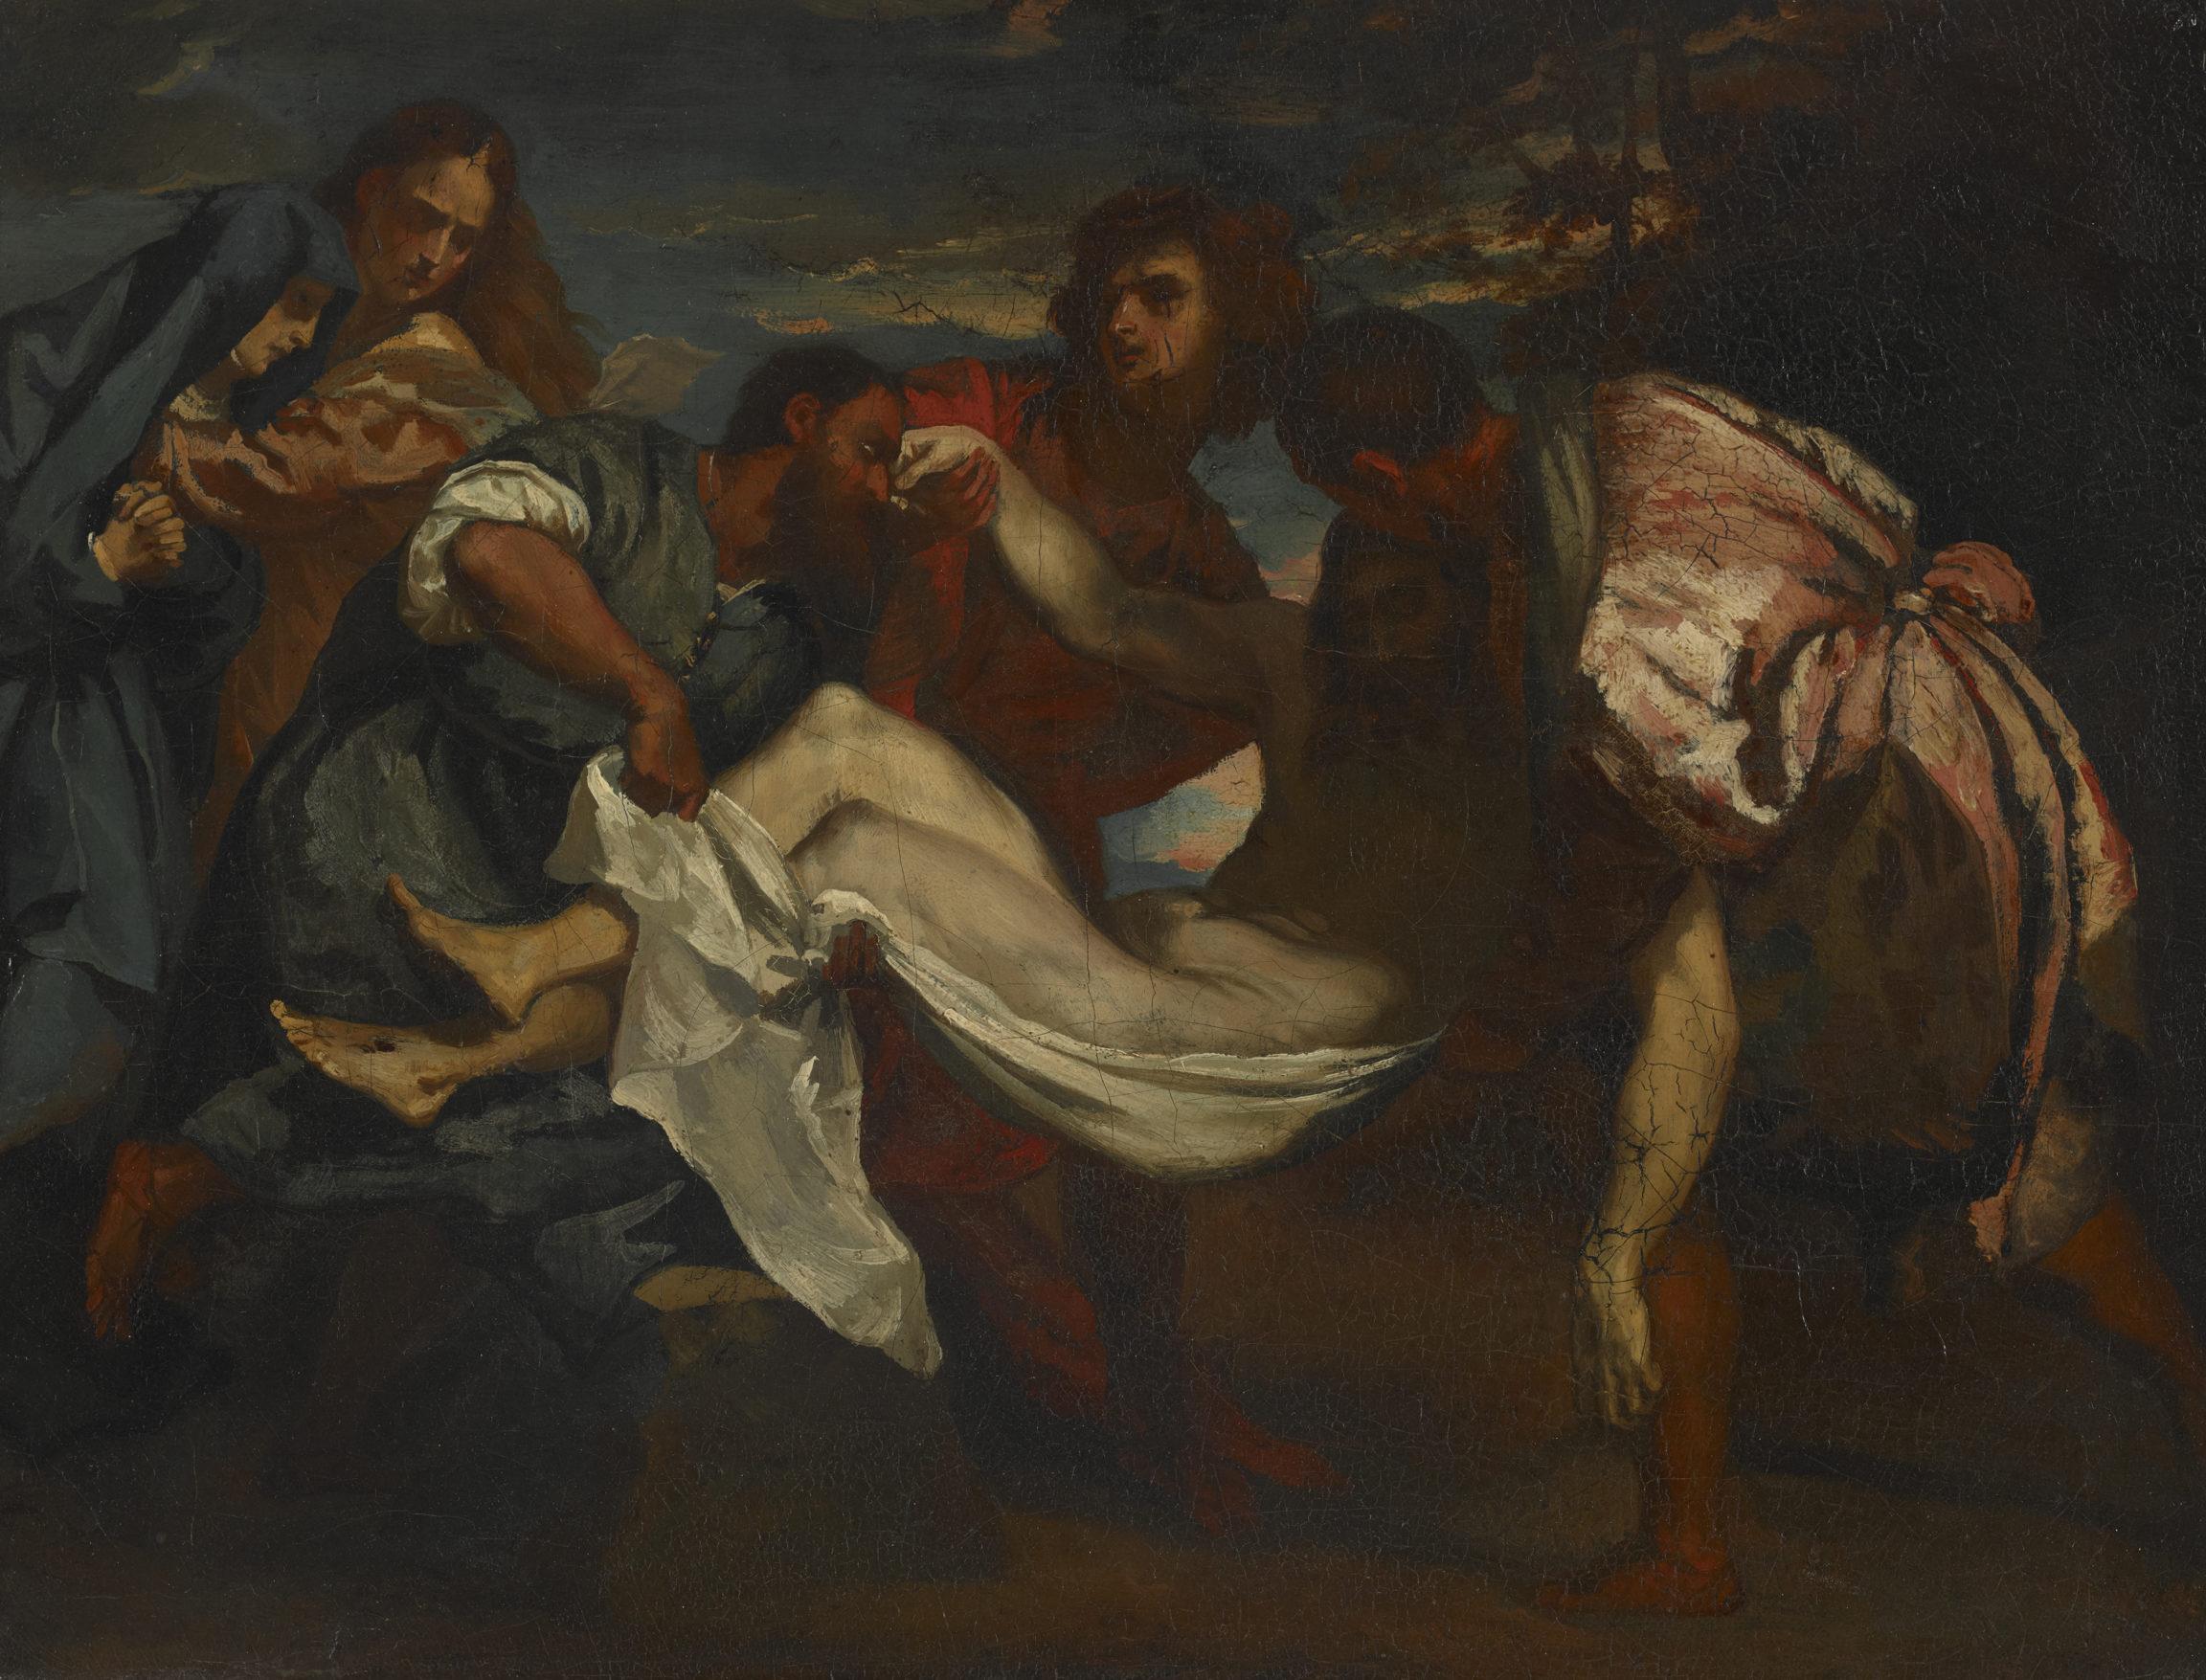 Théodore Géricault, d'après Titien , La Mise au tombeau (The Entombment), vers 1810 - 1812